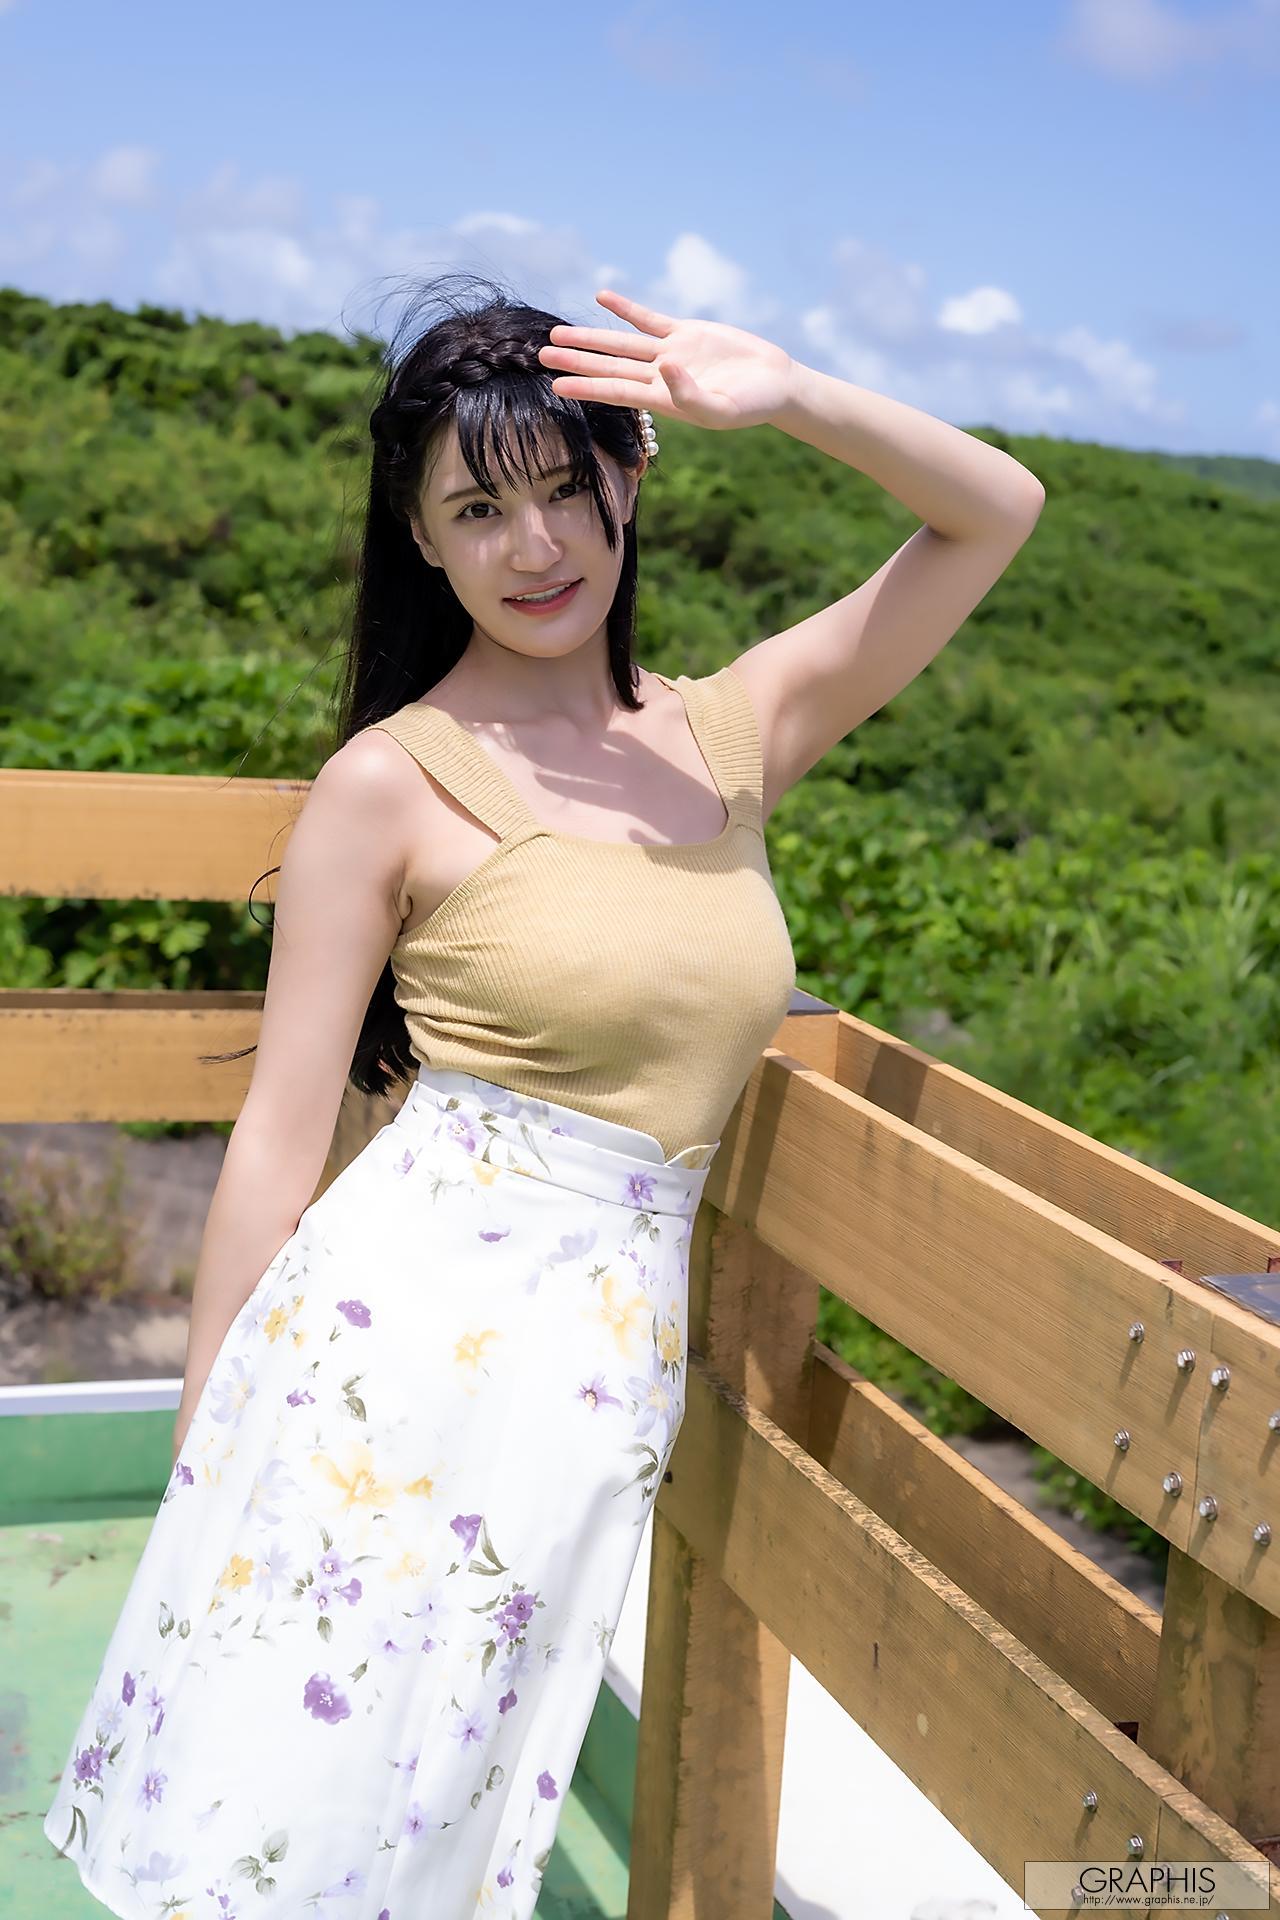 高橋しょう子 高崎圣子 Takahashi [Voluptuous Beauty]